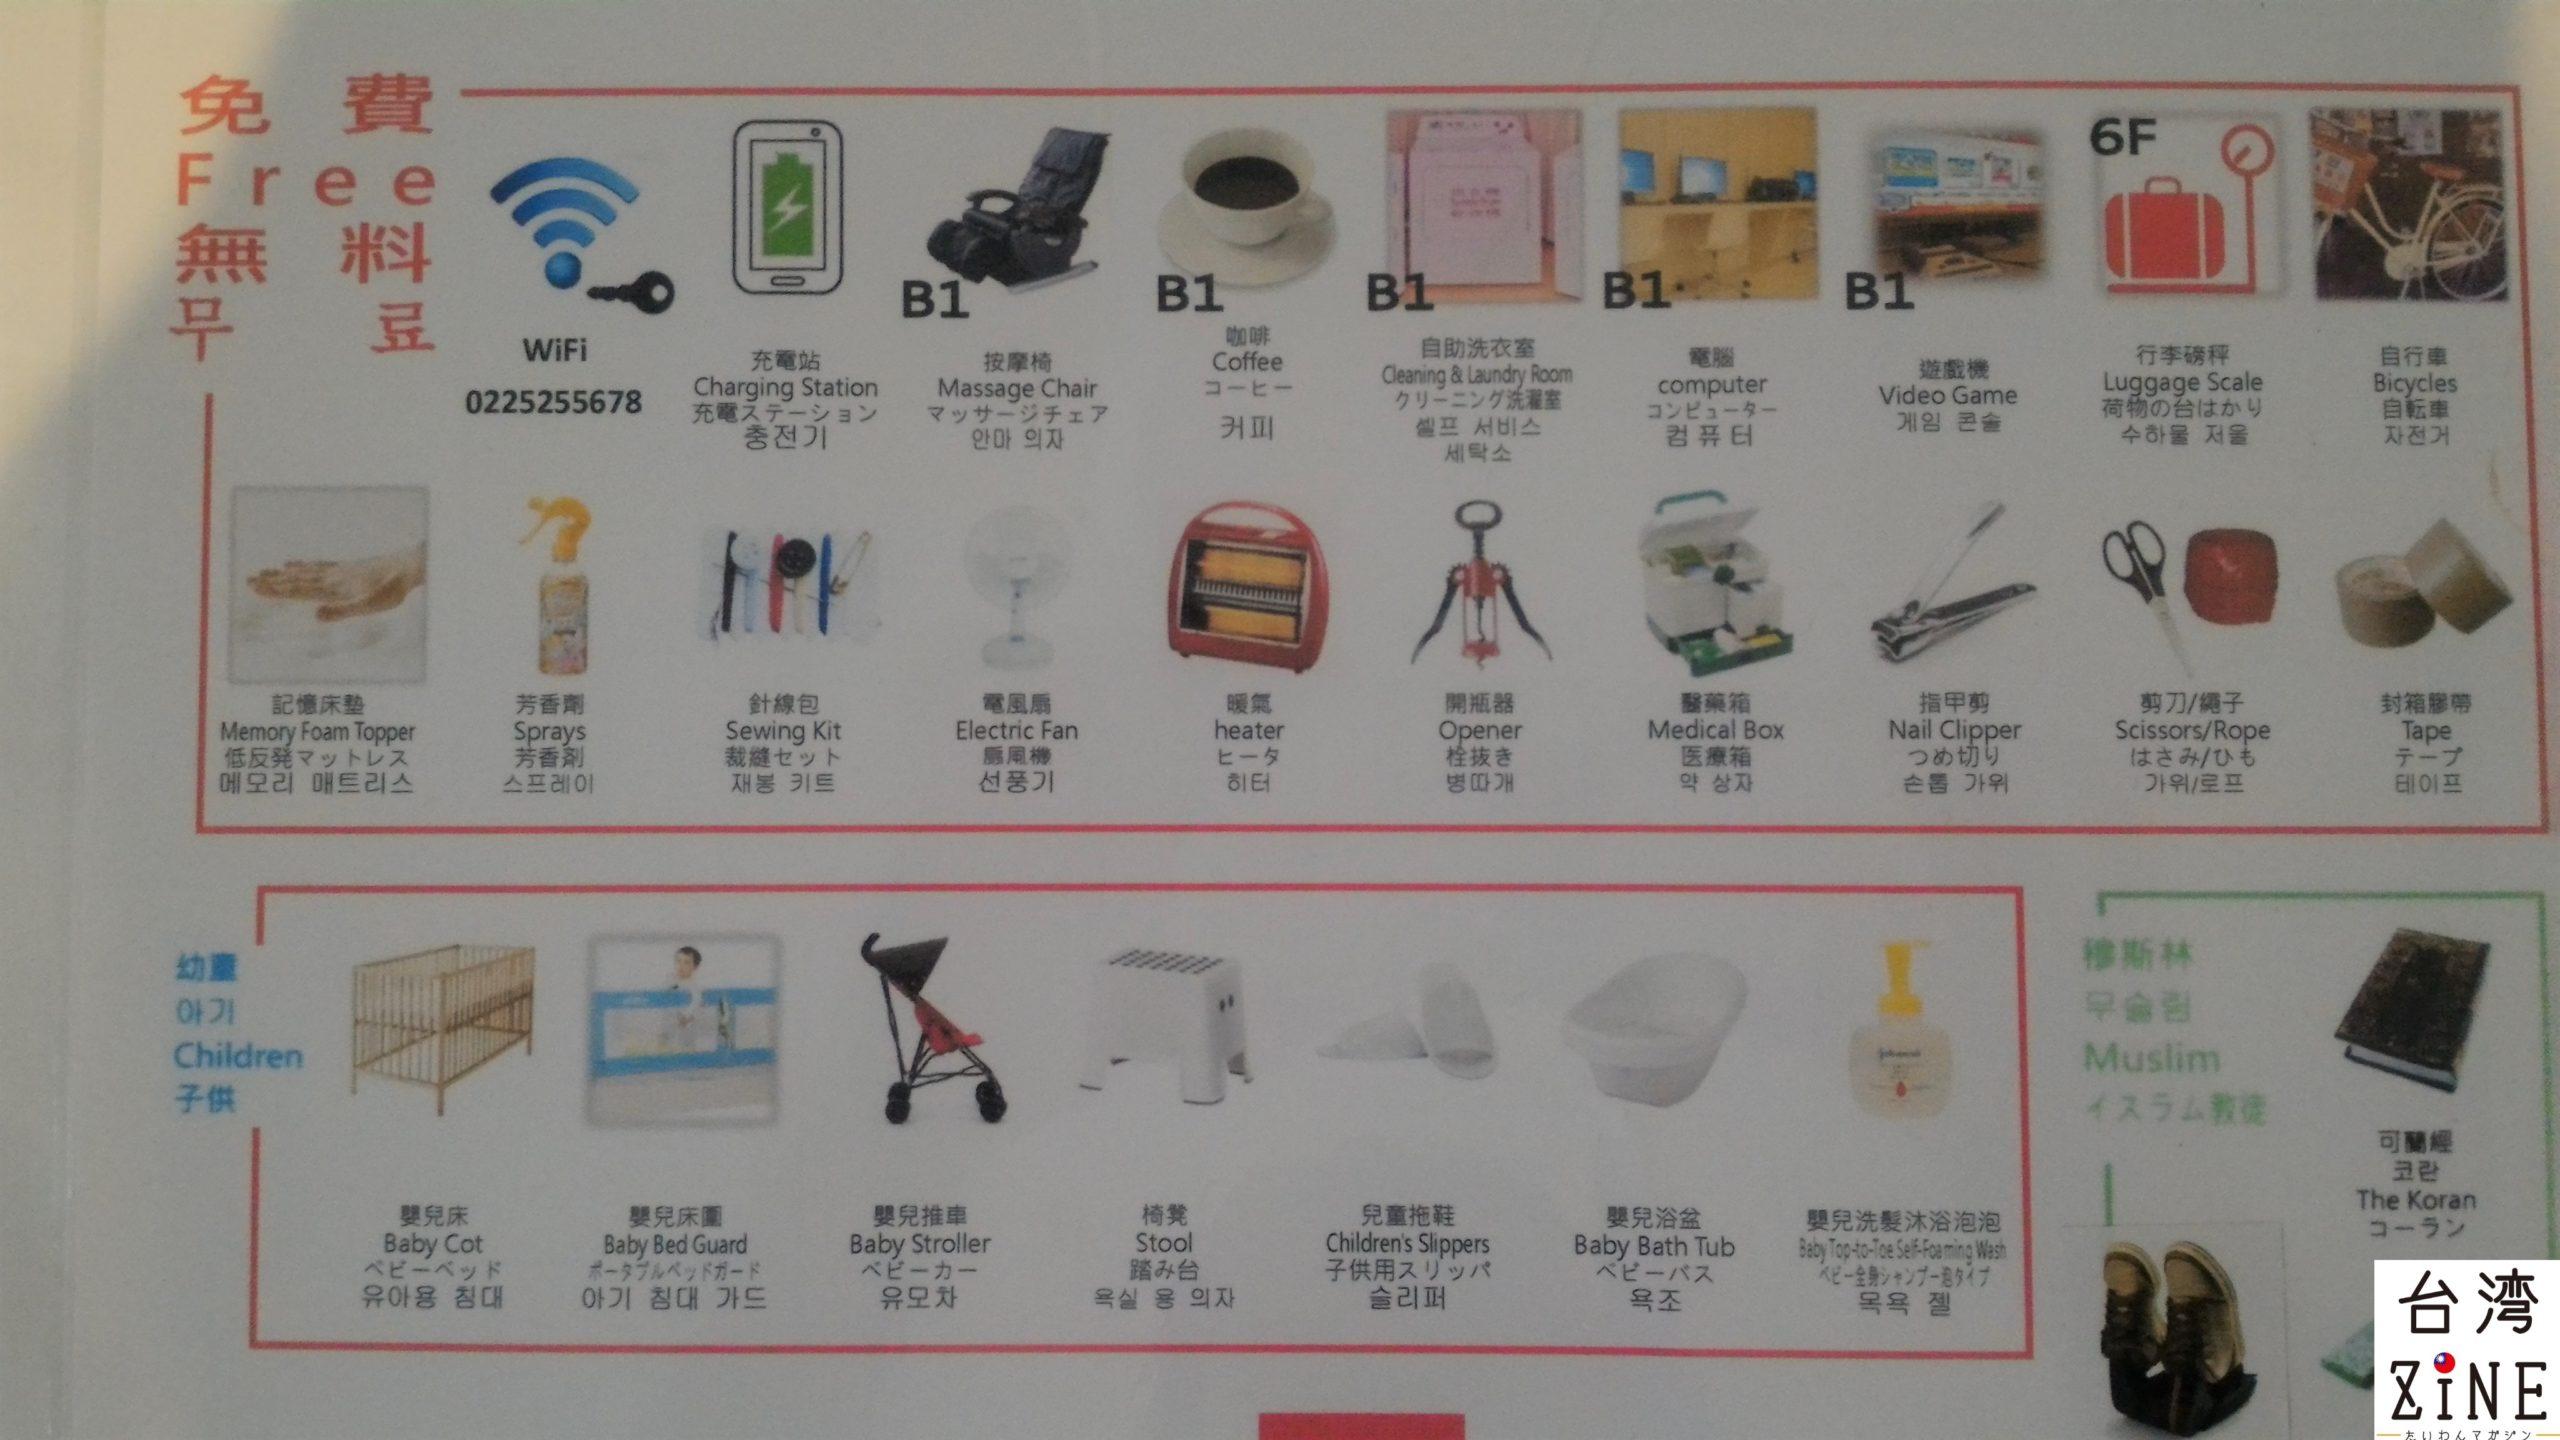 YOMI HOTEL(優美飯店)優美ホテル 無料で借りれるもの。6Fには体重計があるので荷物の重さを計る事ができます。